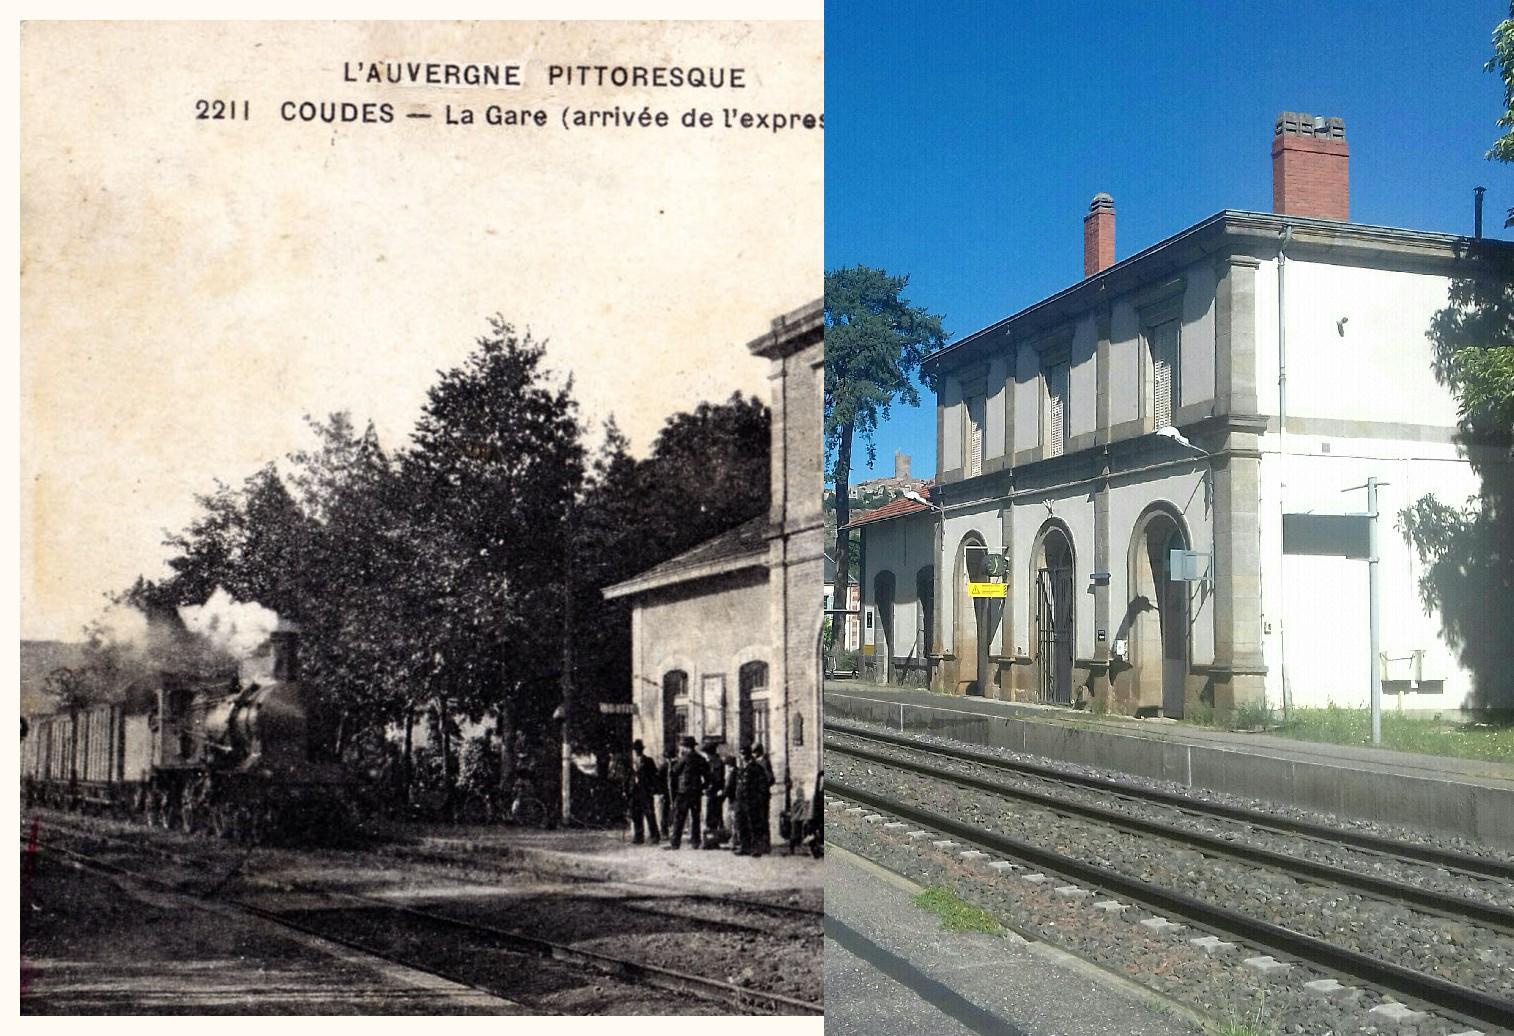 Coudes - Coudes INSEE 63121 - Gare de Parent Coudes Champeix -